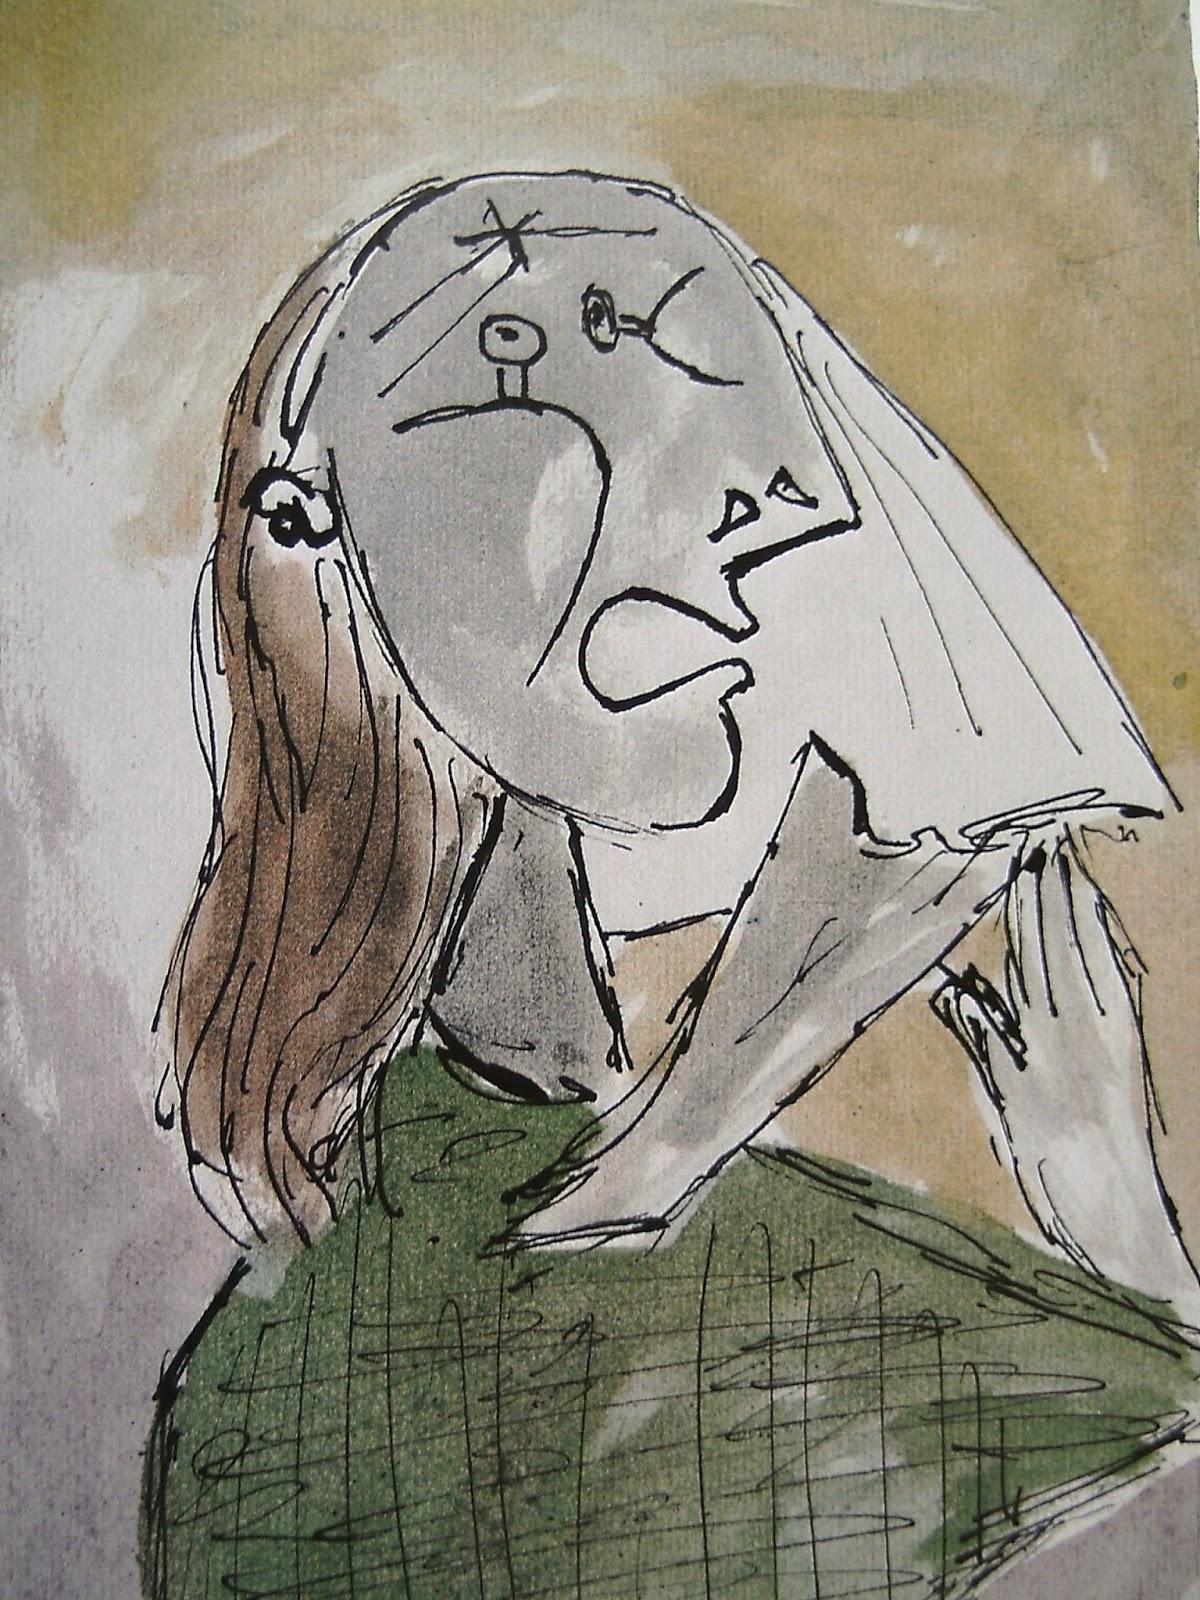 Todos contra el Arte: LA MUJER QUE LLORA - detalles de Picasso